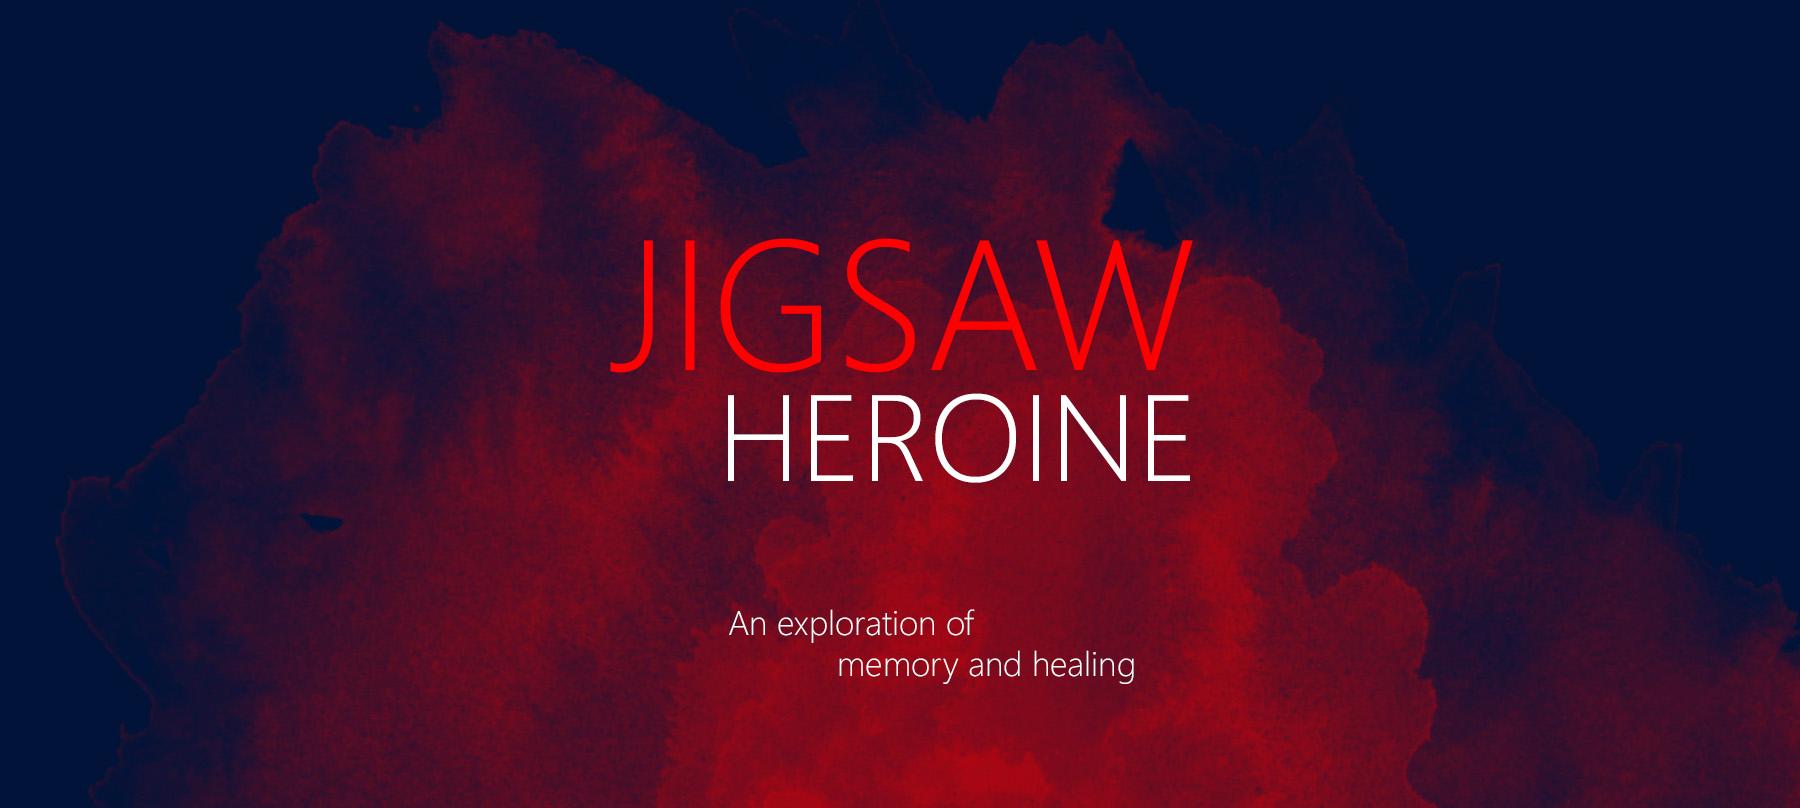 JIGSAW HEROINE